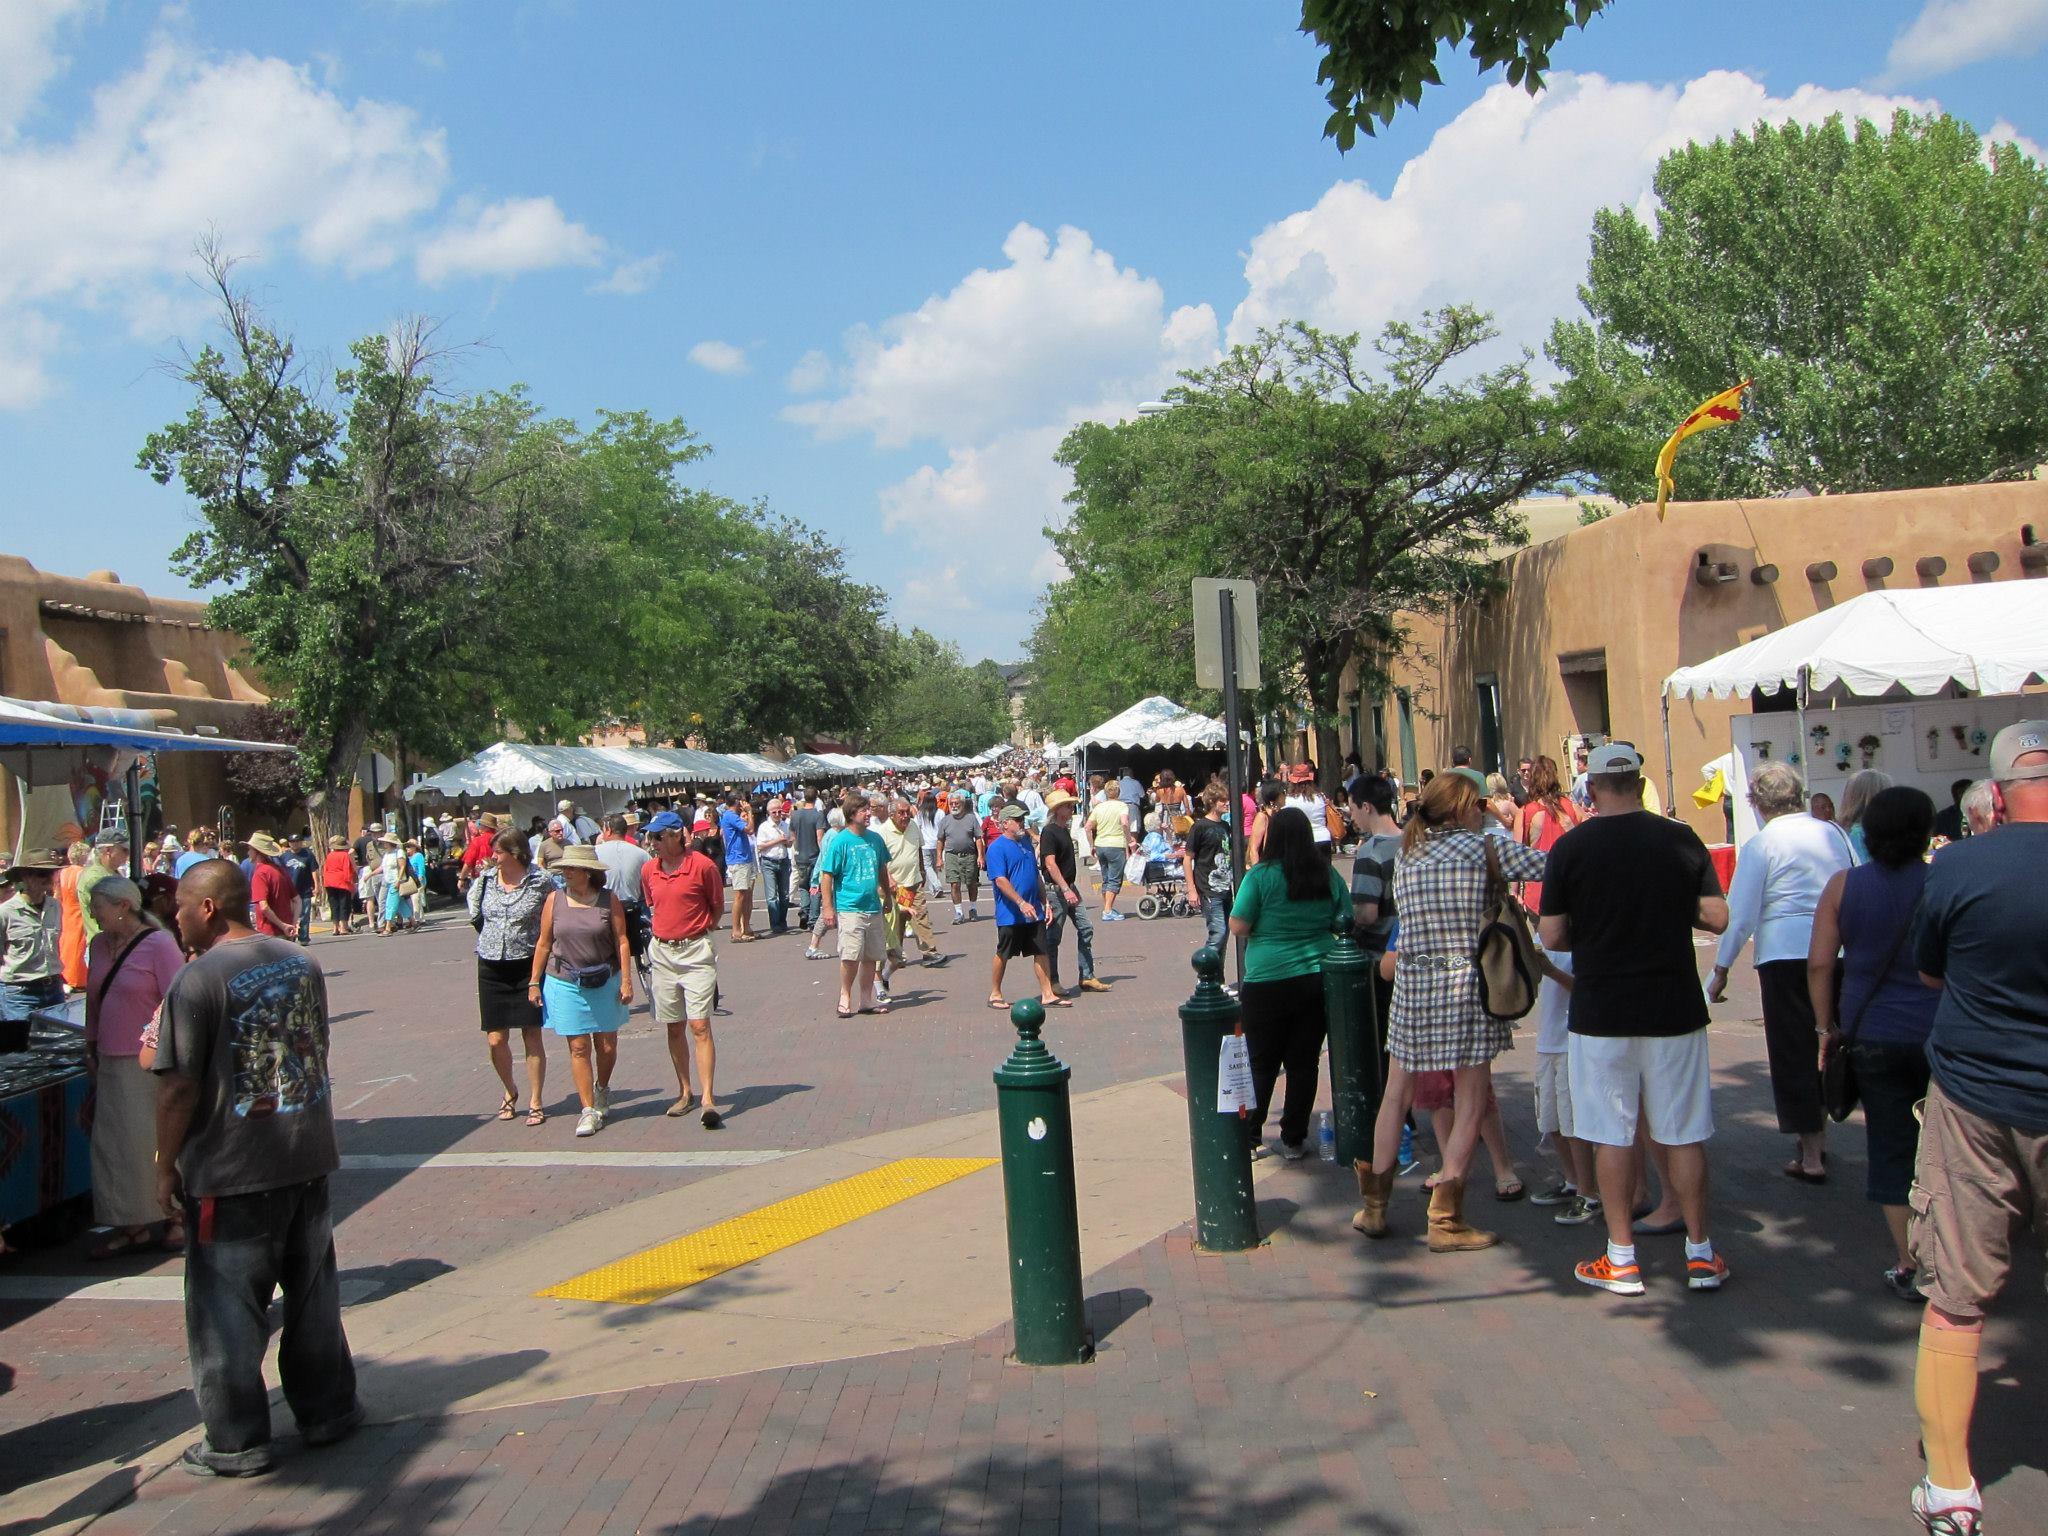 SWAIA Santa Fe Indian Market 2012